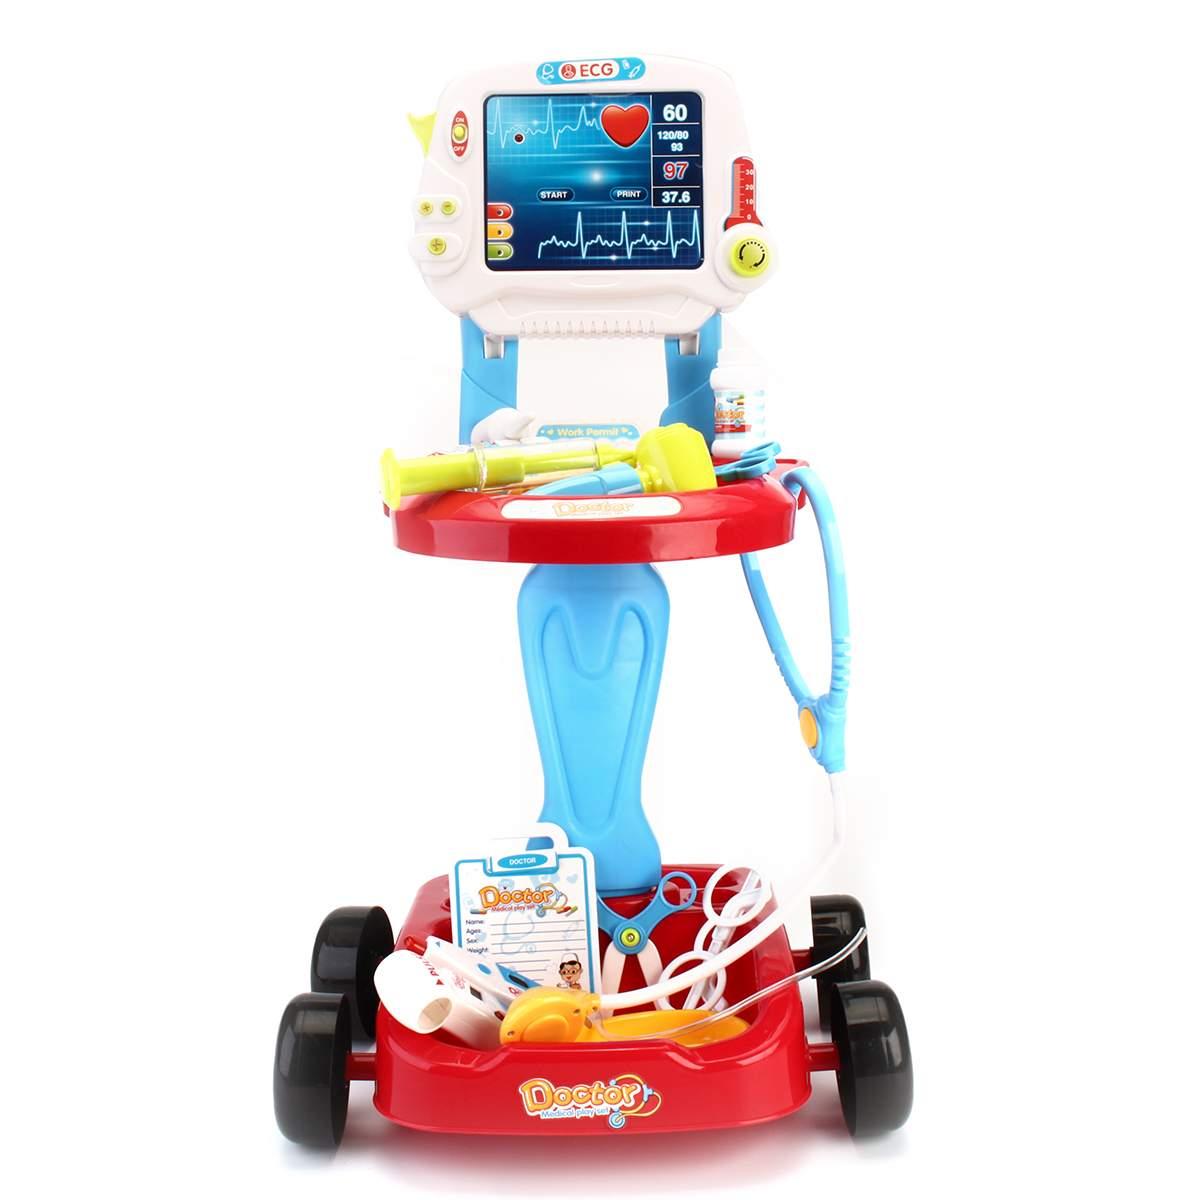 17 pièces/ensemble enfants semblant jouer docteur jouets infirmière médical Playset fille jeu de rôle Kit éducatif jouet ensemble ECG écran chariot 2 couleurs